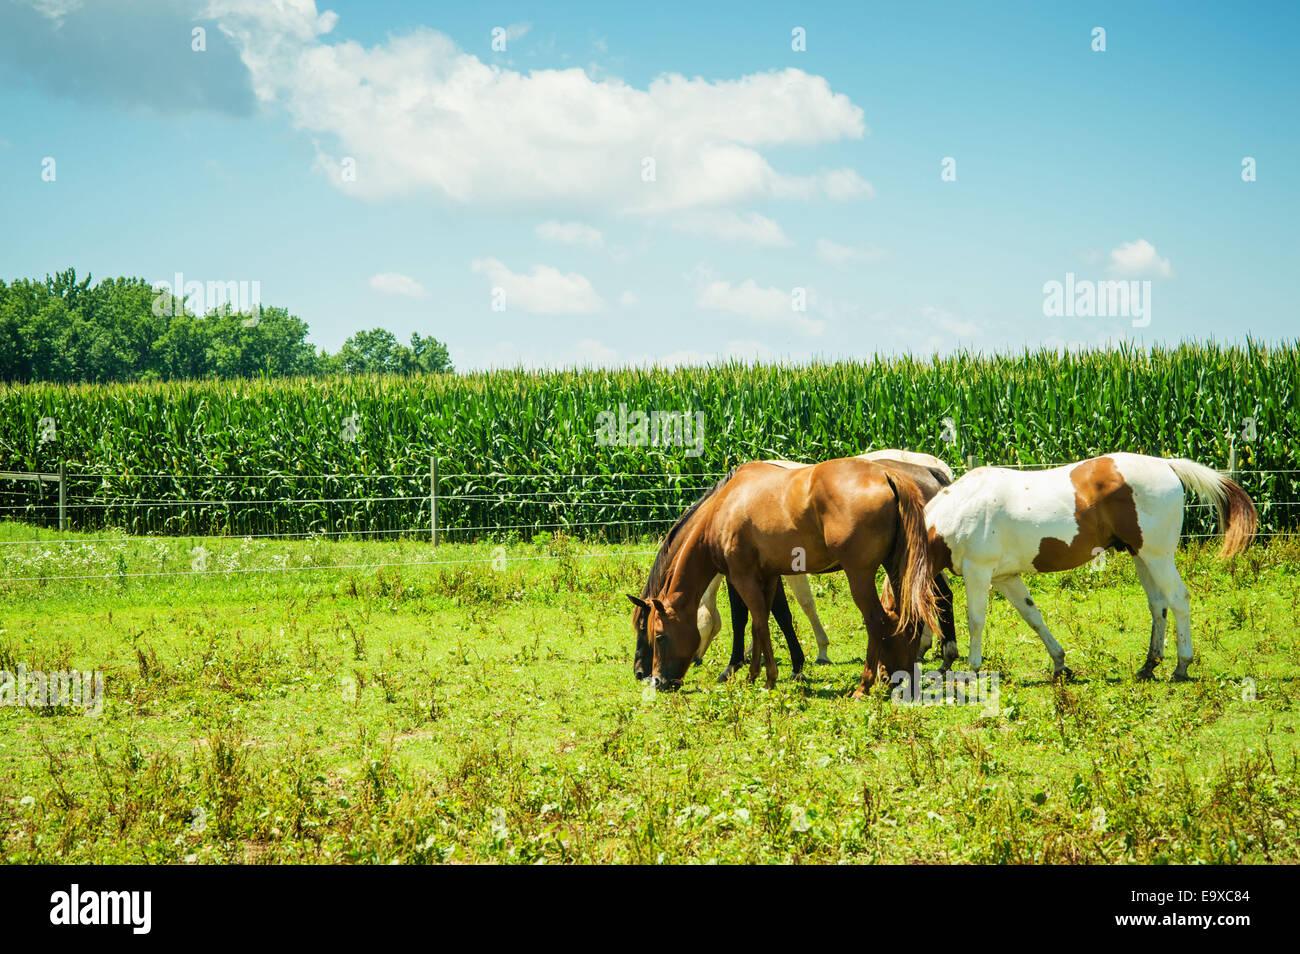 Les chevaux qui paissent dans un pâturage à côté d'un champ de maïs; Centreville, Photo Stock